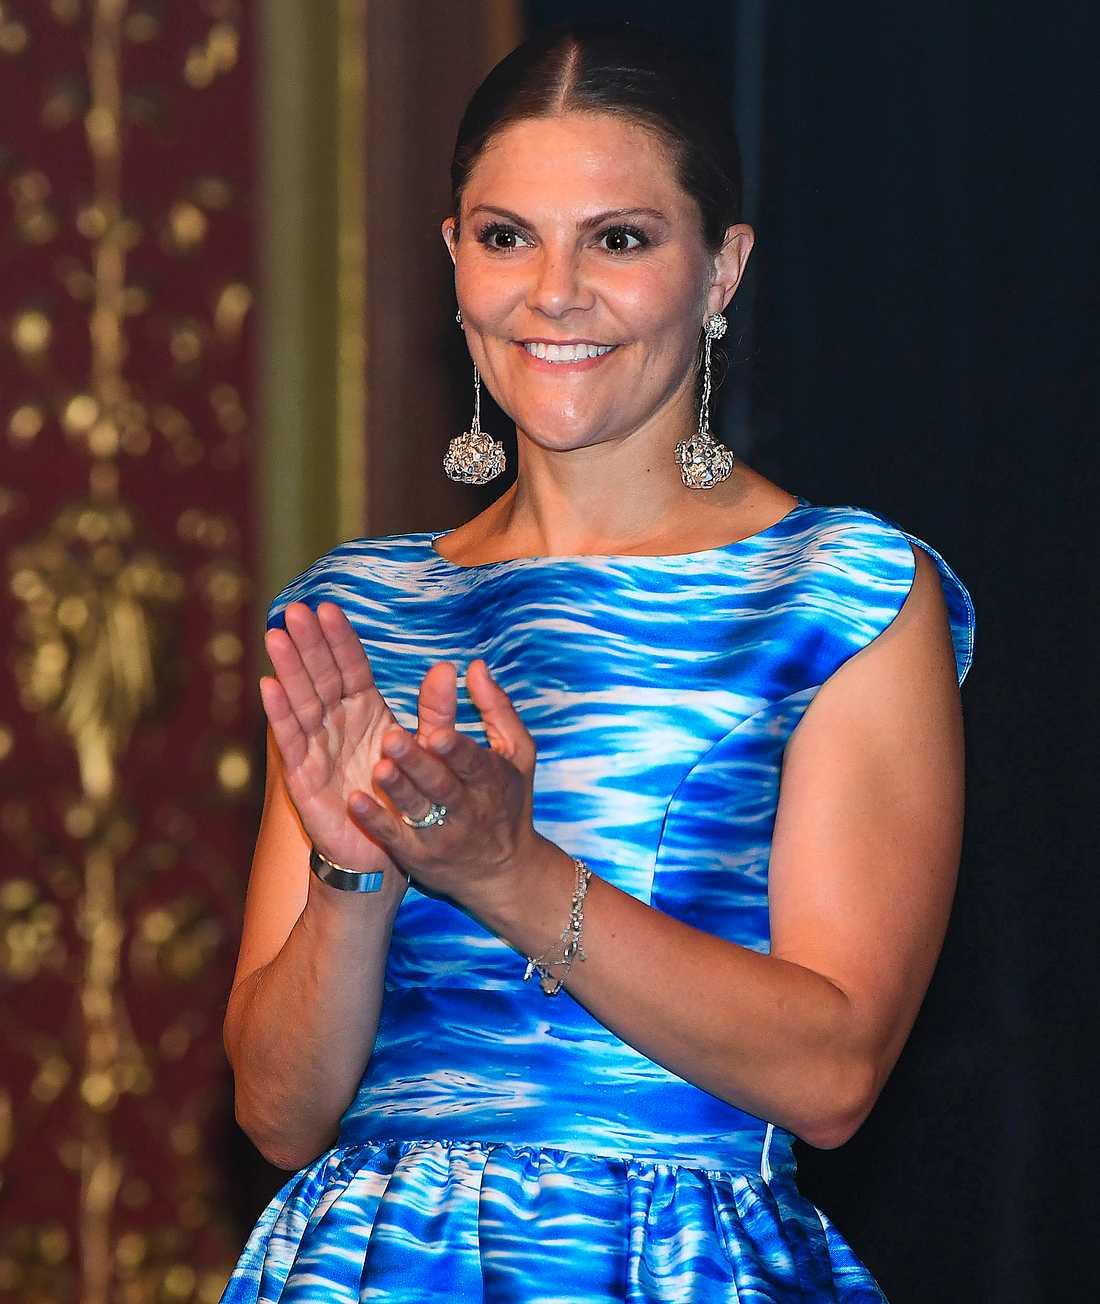 Örhängena som Victoria bar när hon delade ut  Junior Water Prize är  inspirerade av koraller och matchade vågorna på klänningen perfekt.